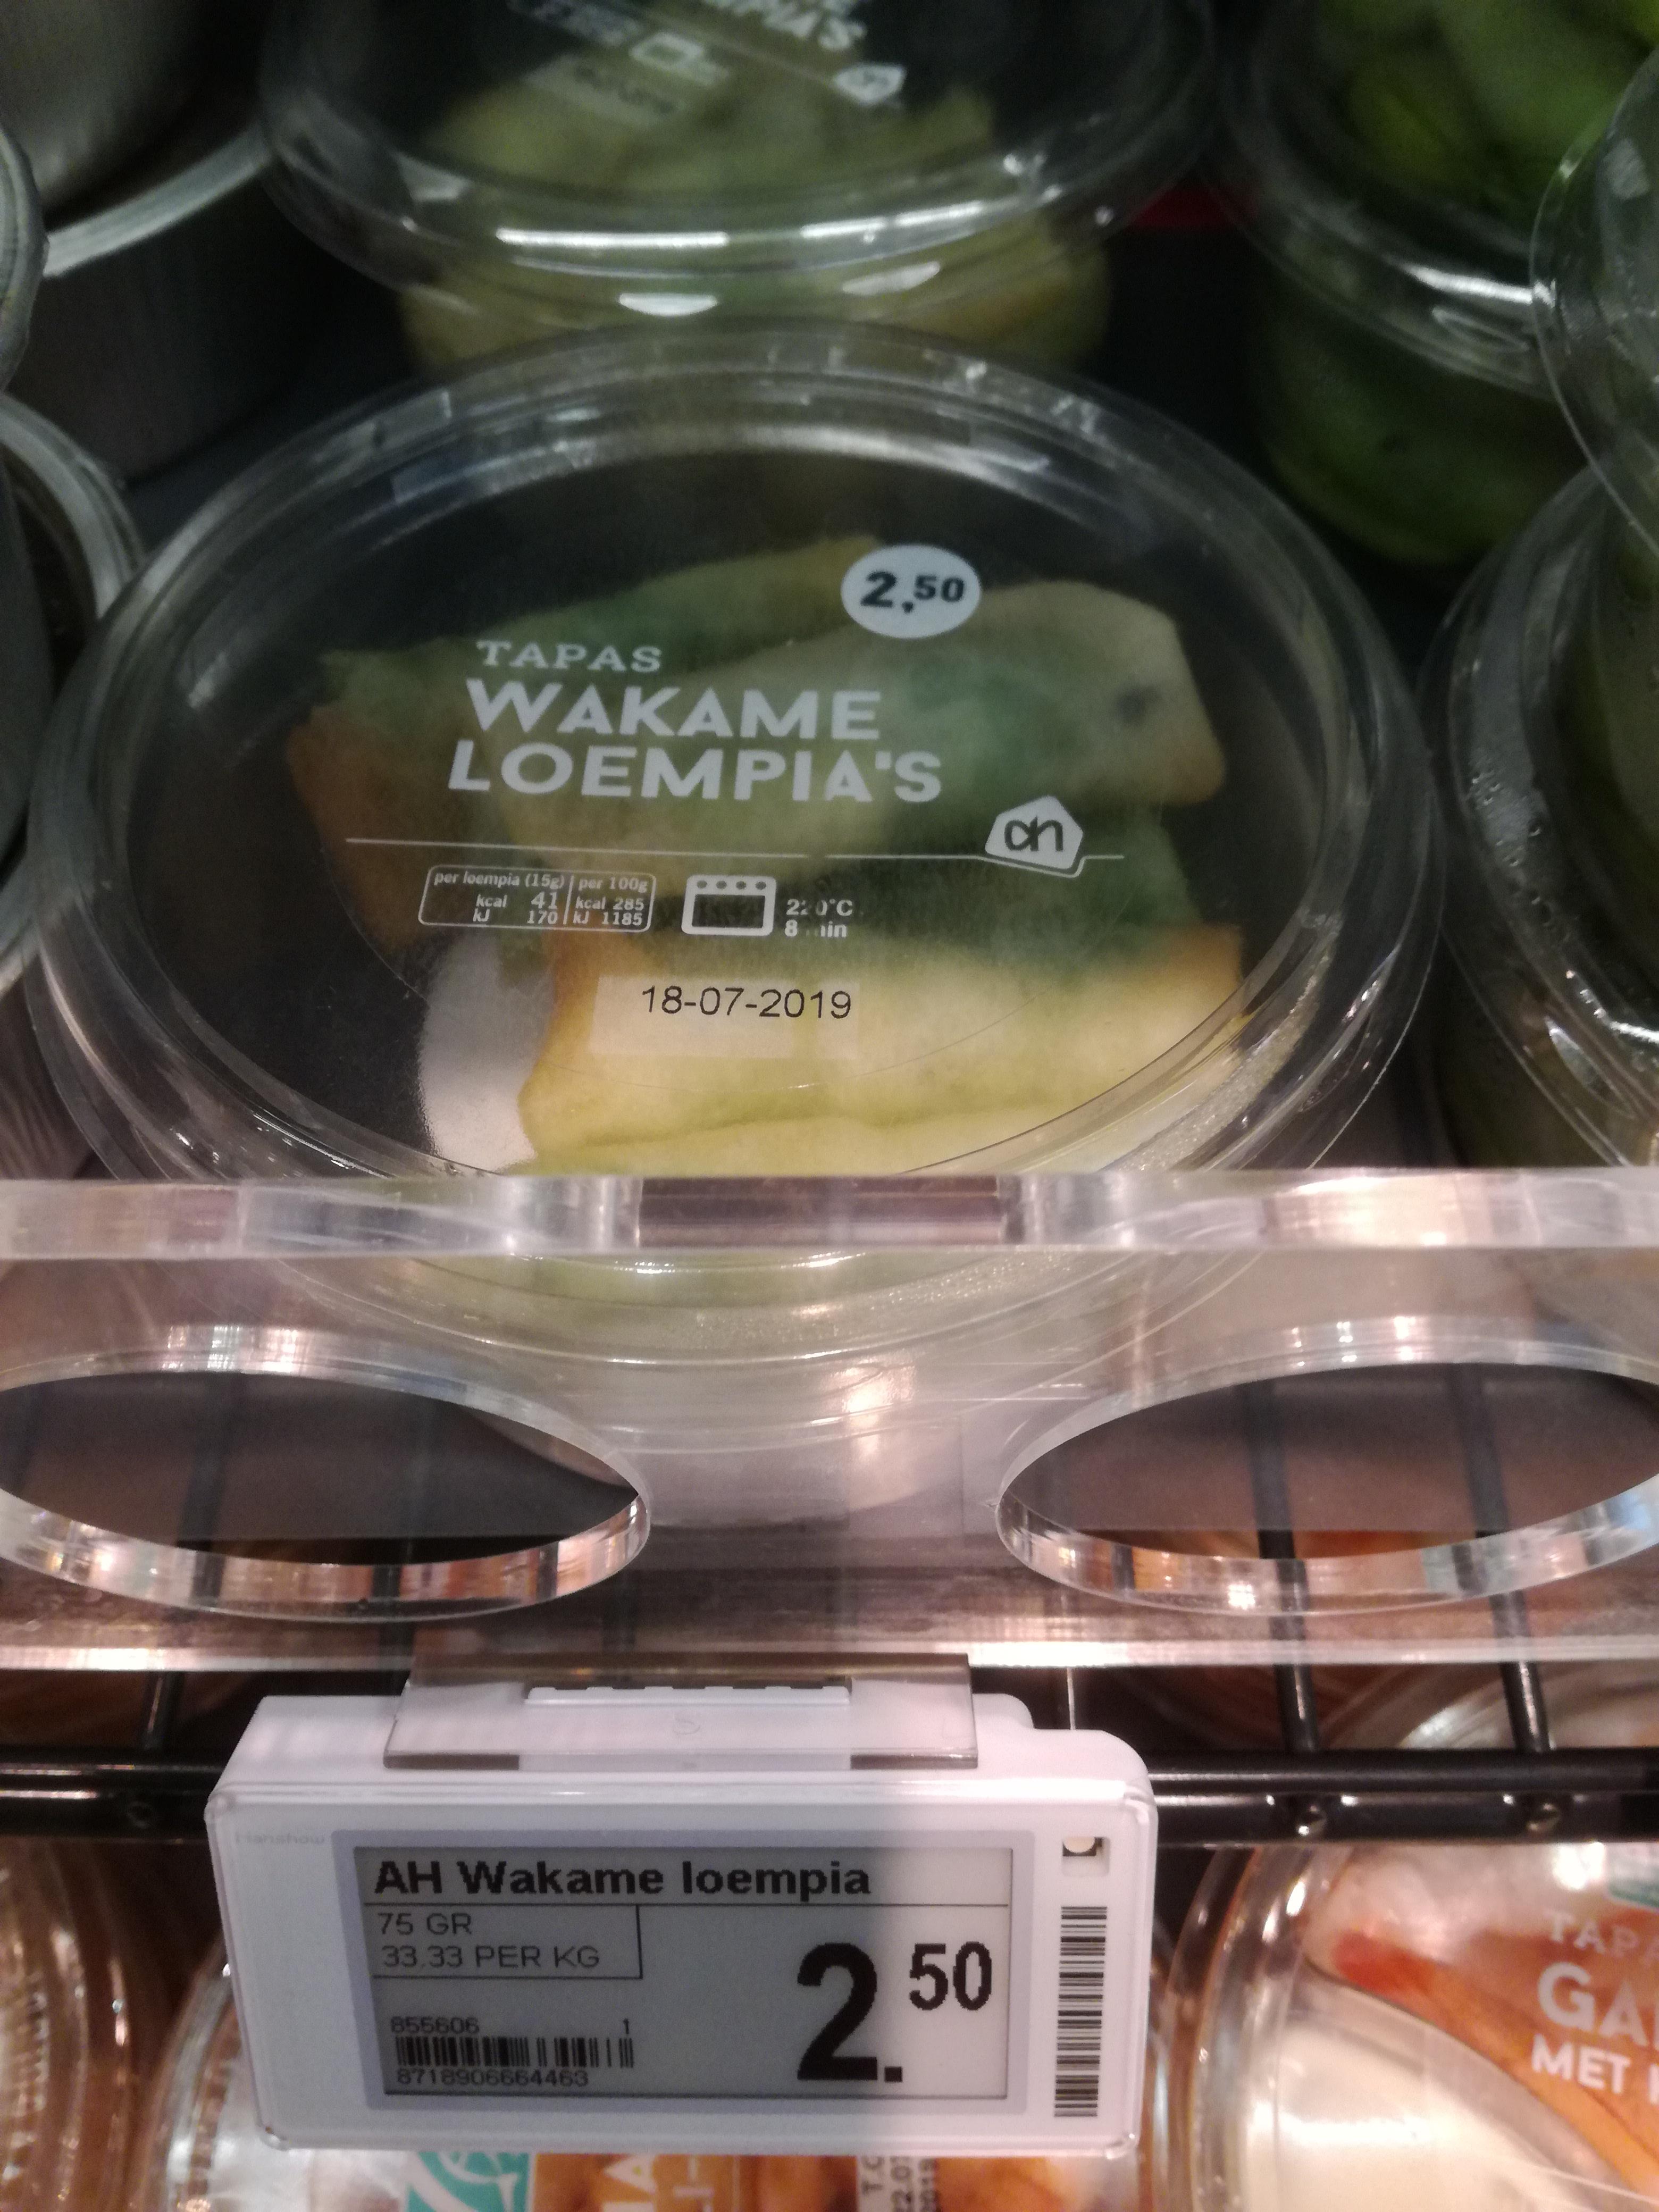 Wakame loempia's met zeewier salade van AH